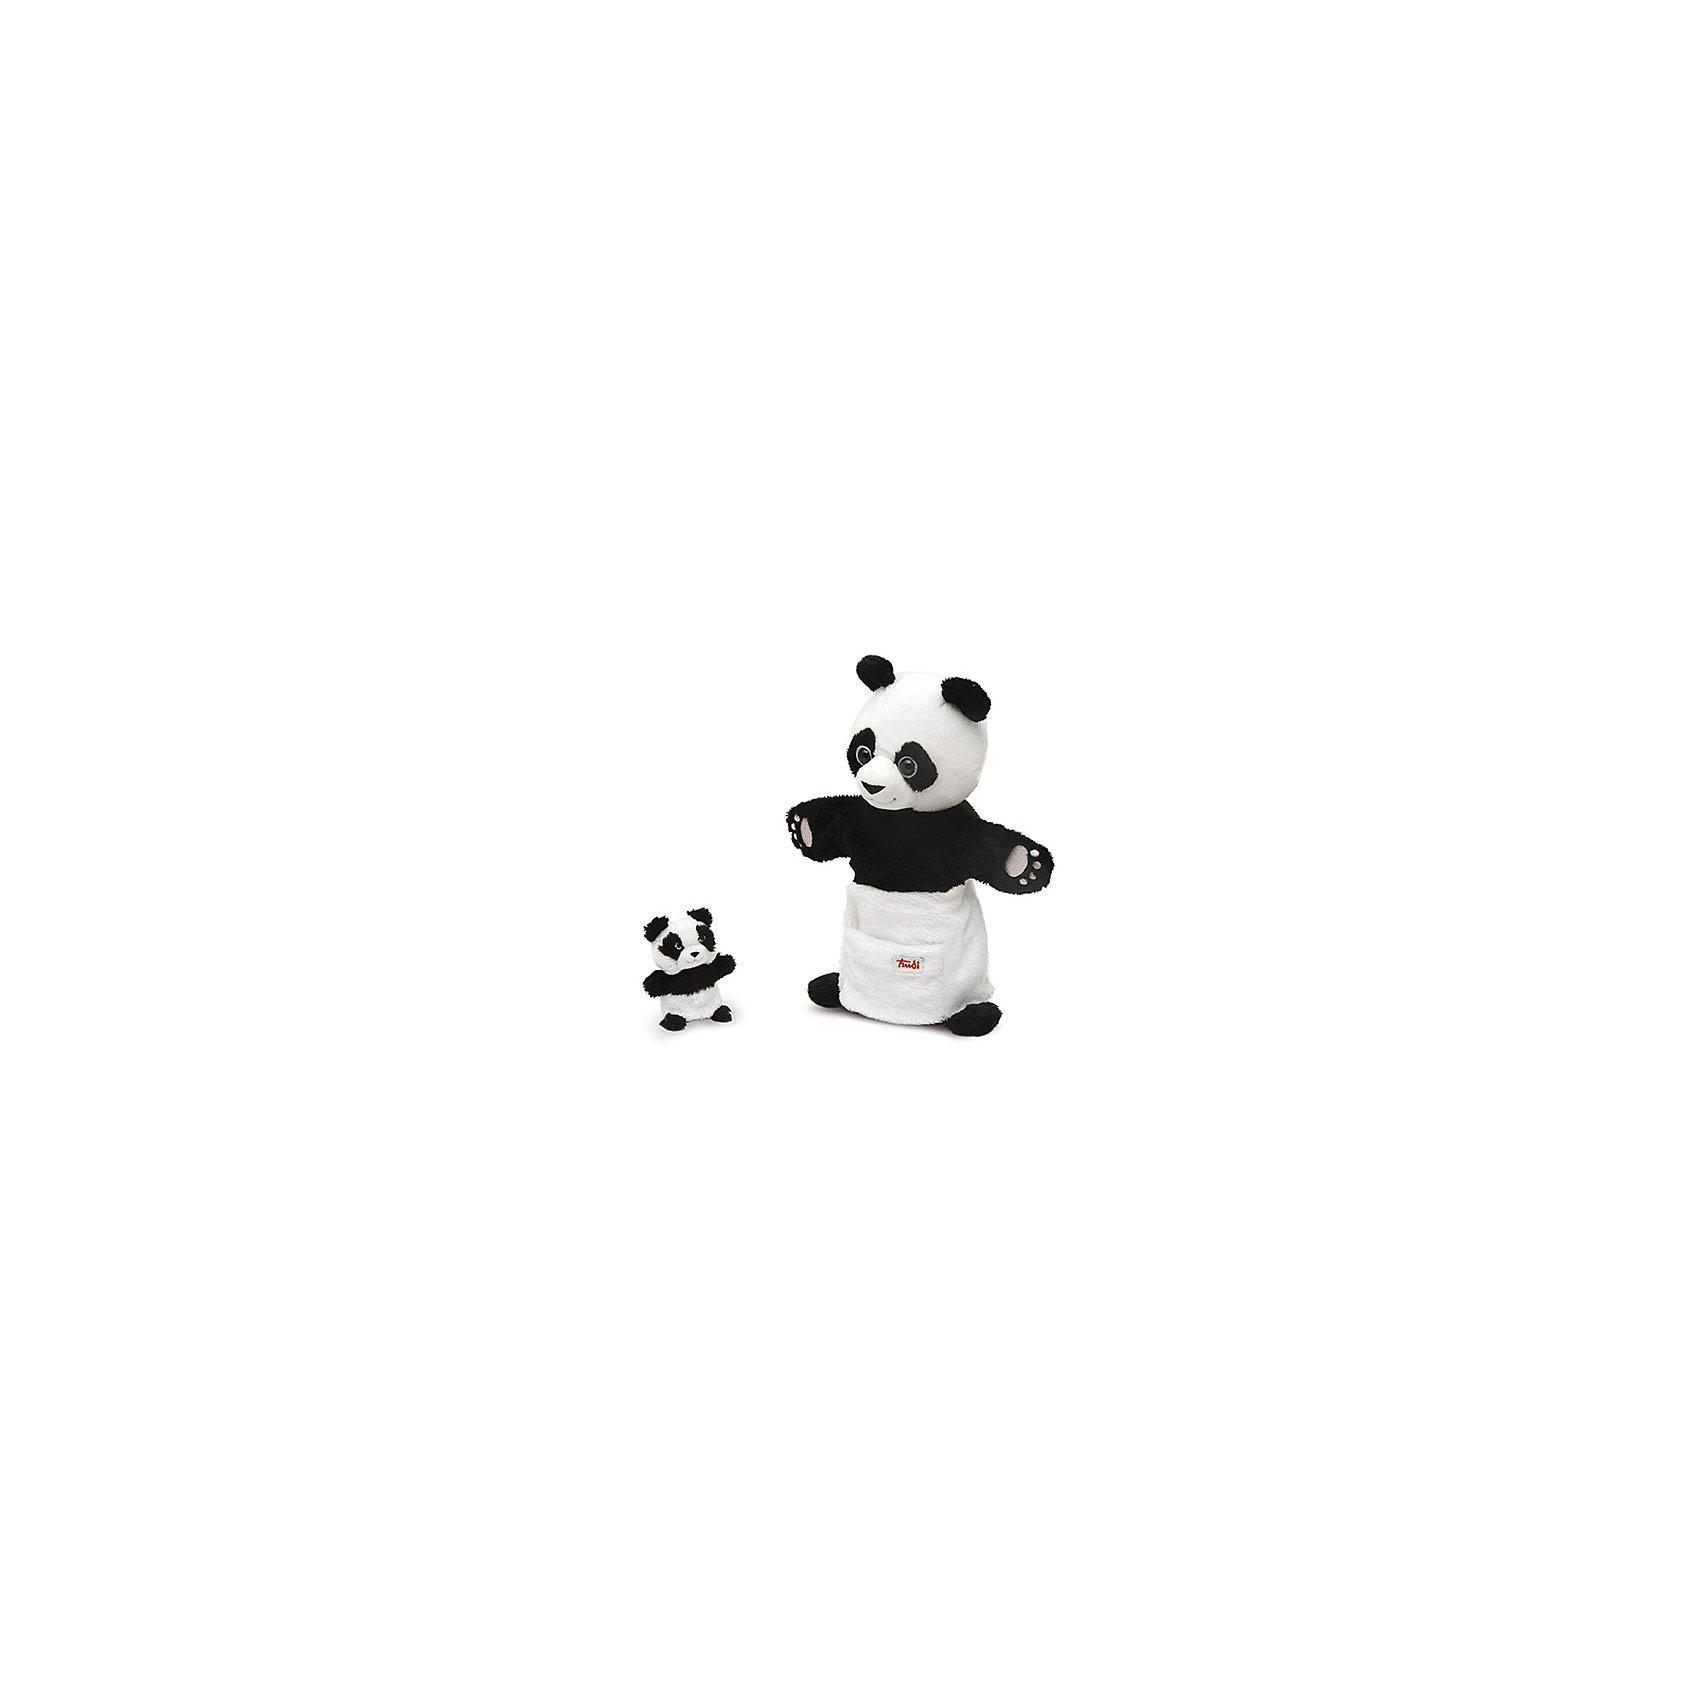 Trudi Мягкая игрушка на руку Панда с детенышем, 28 см, Trudi мягкие игрушки trudi лайка маркус 34 см